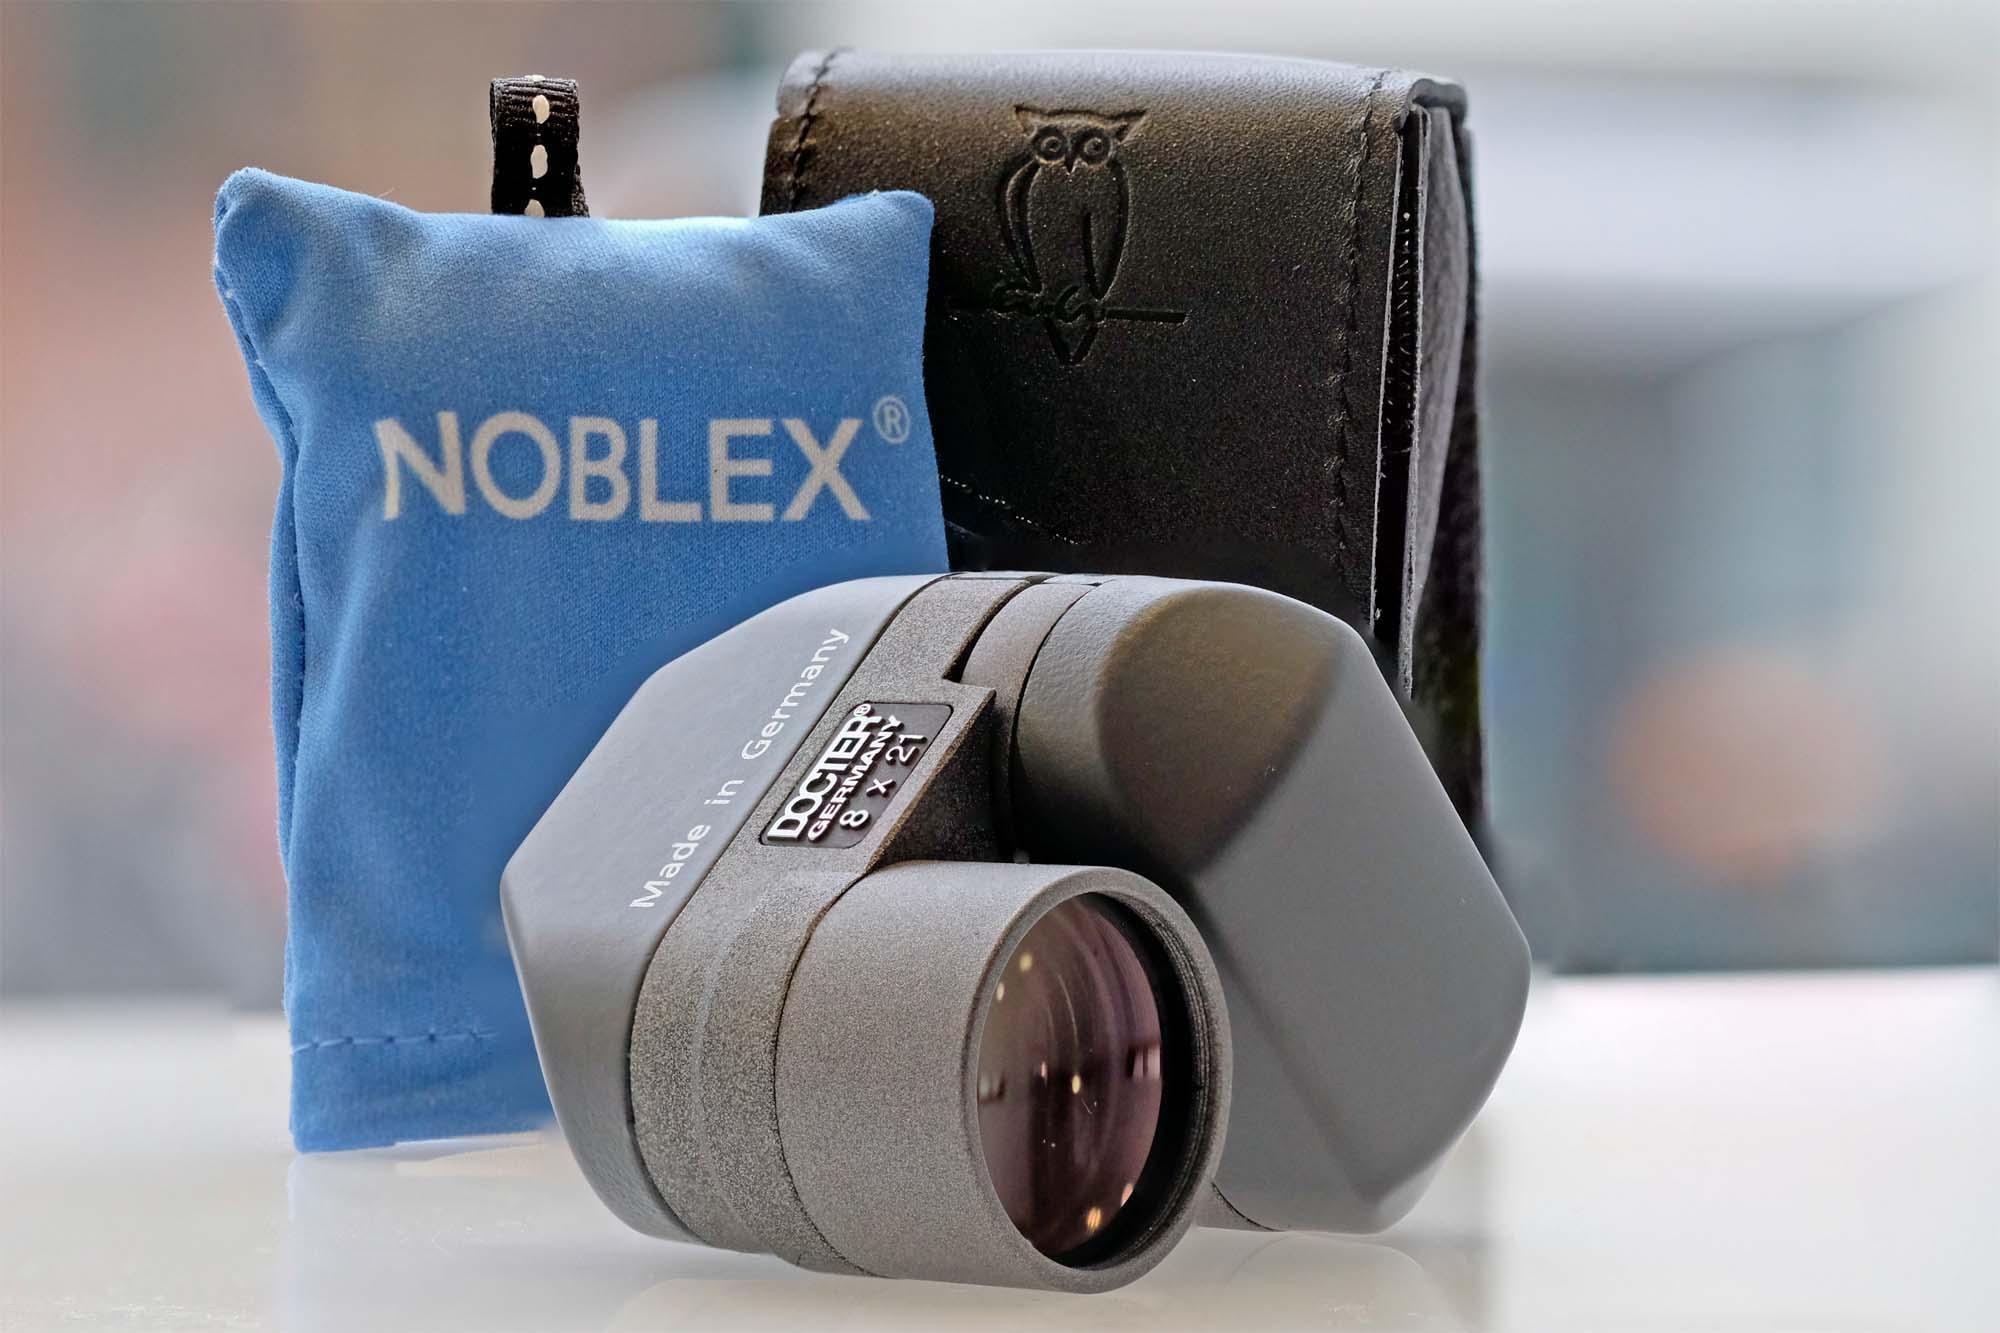 Die NOBLE(X) Geschenk-Idee